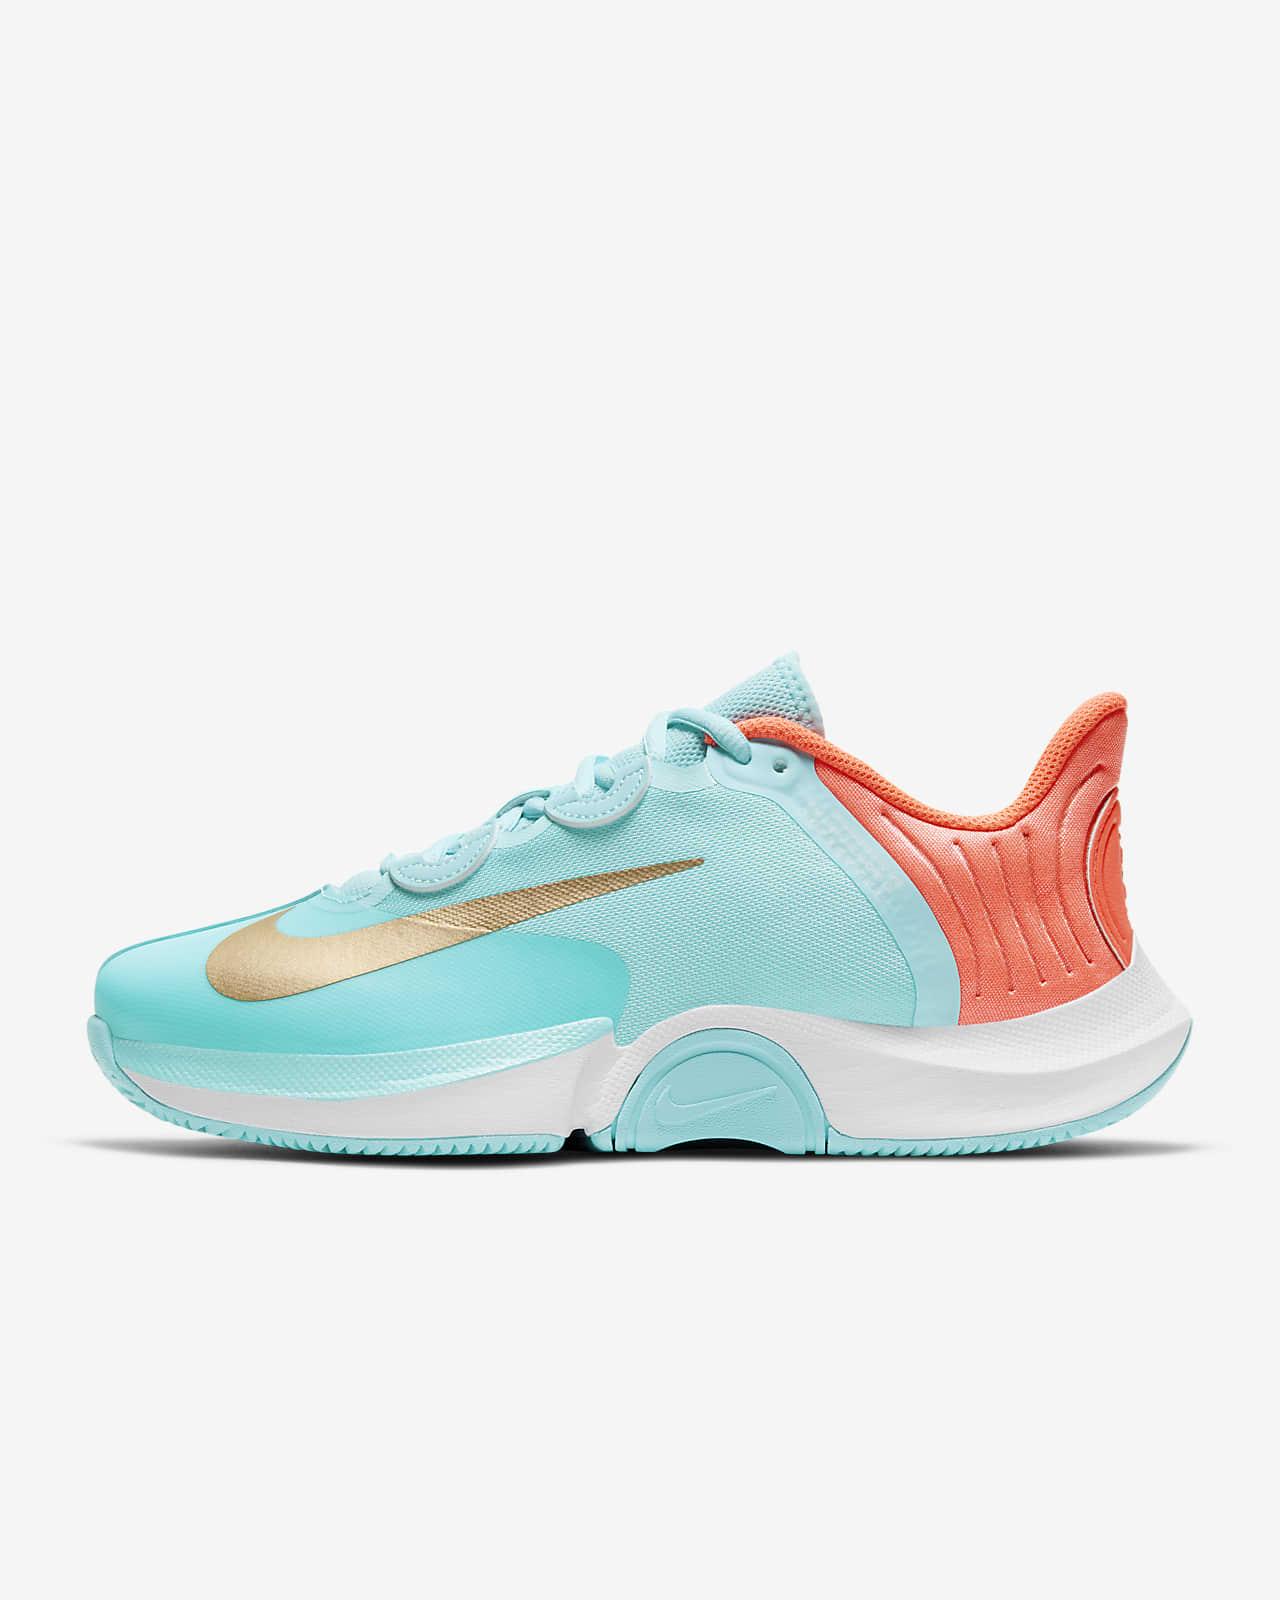 NikeCourt Air Zoom GP Turbo Damen-Tennisschuh für Hartplätze